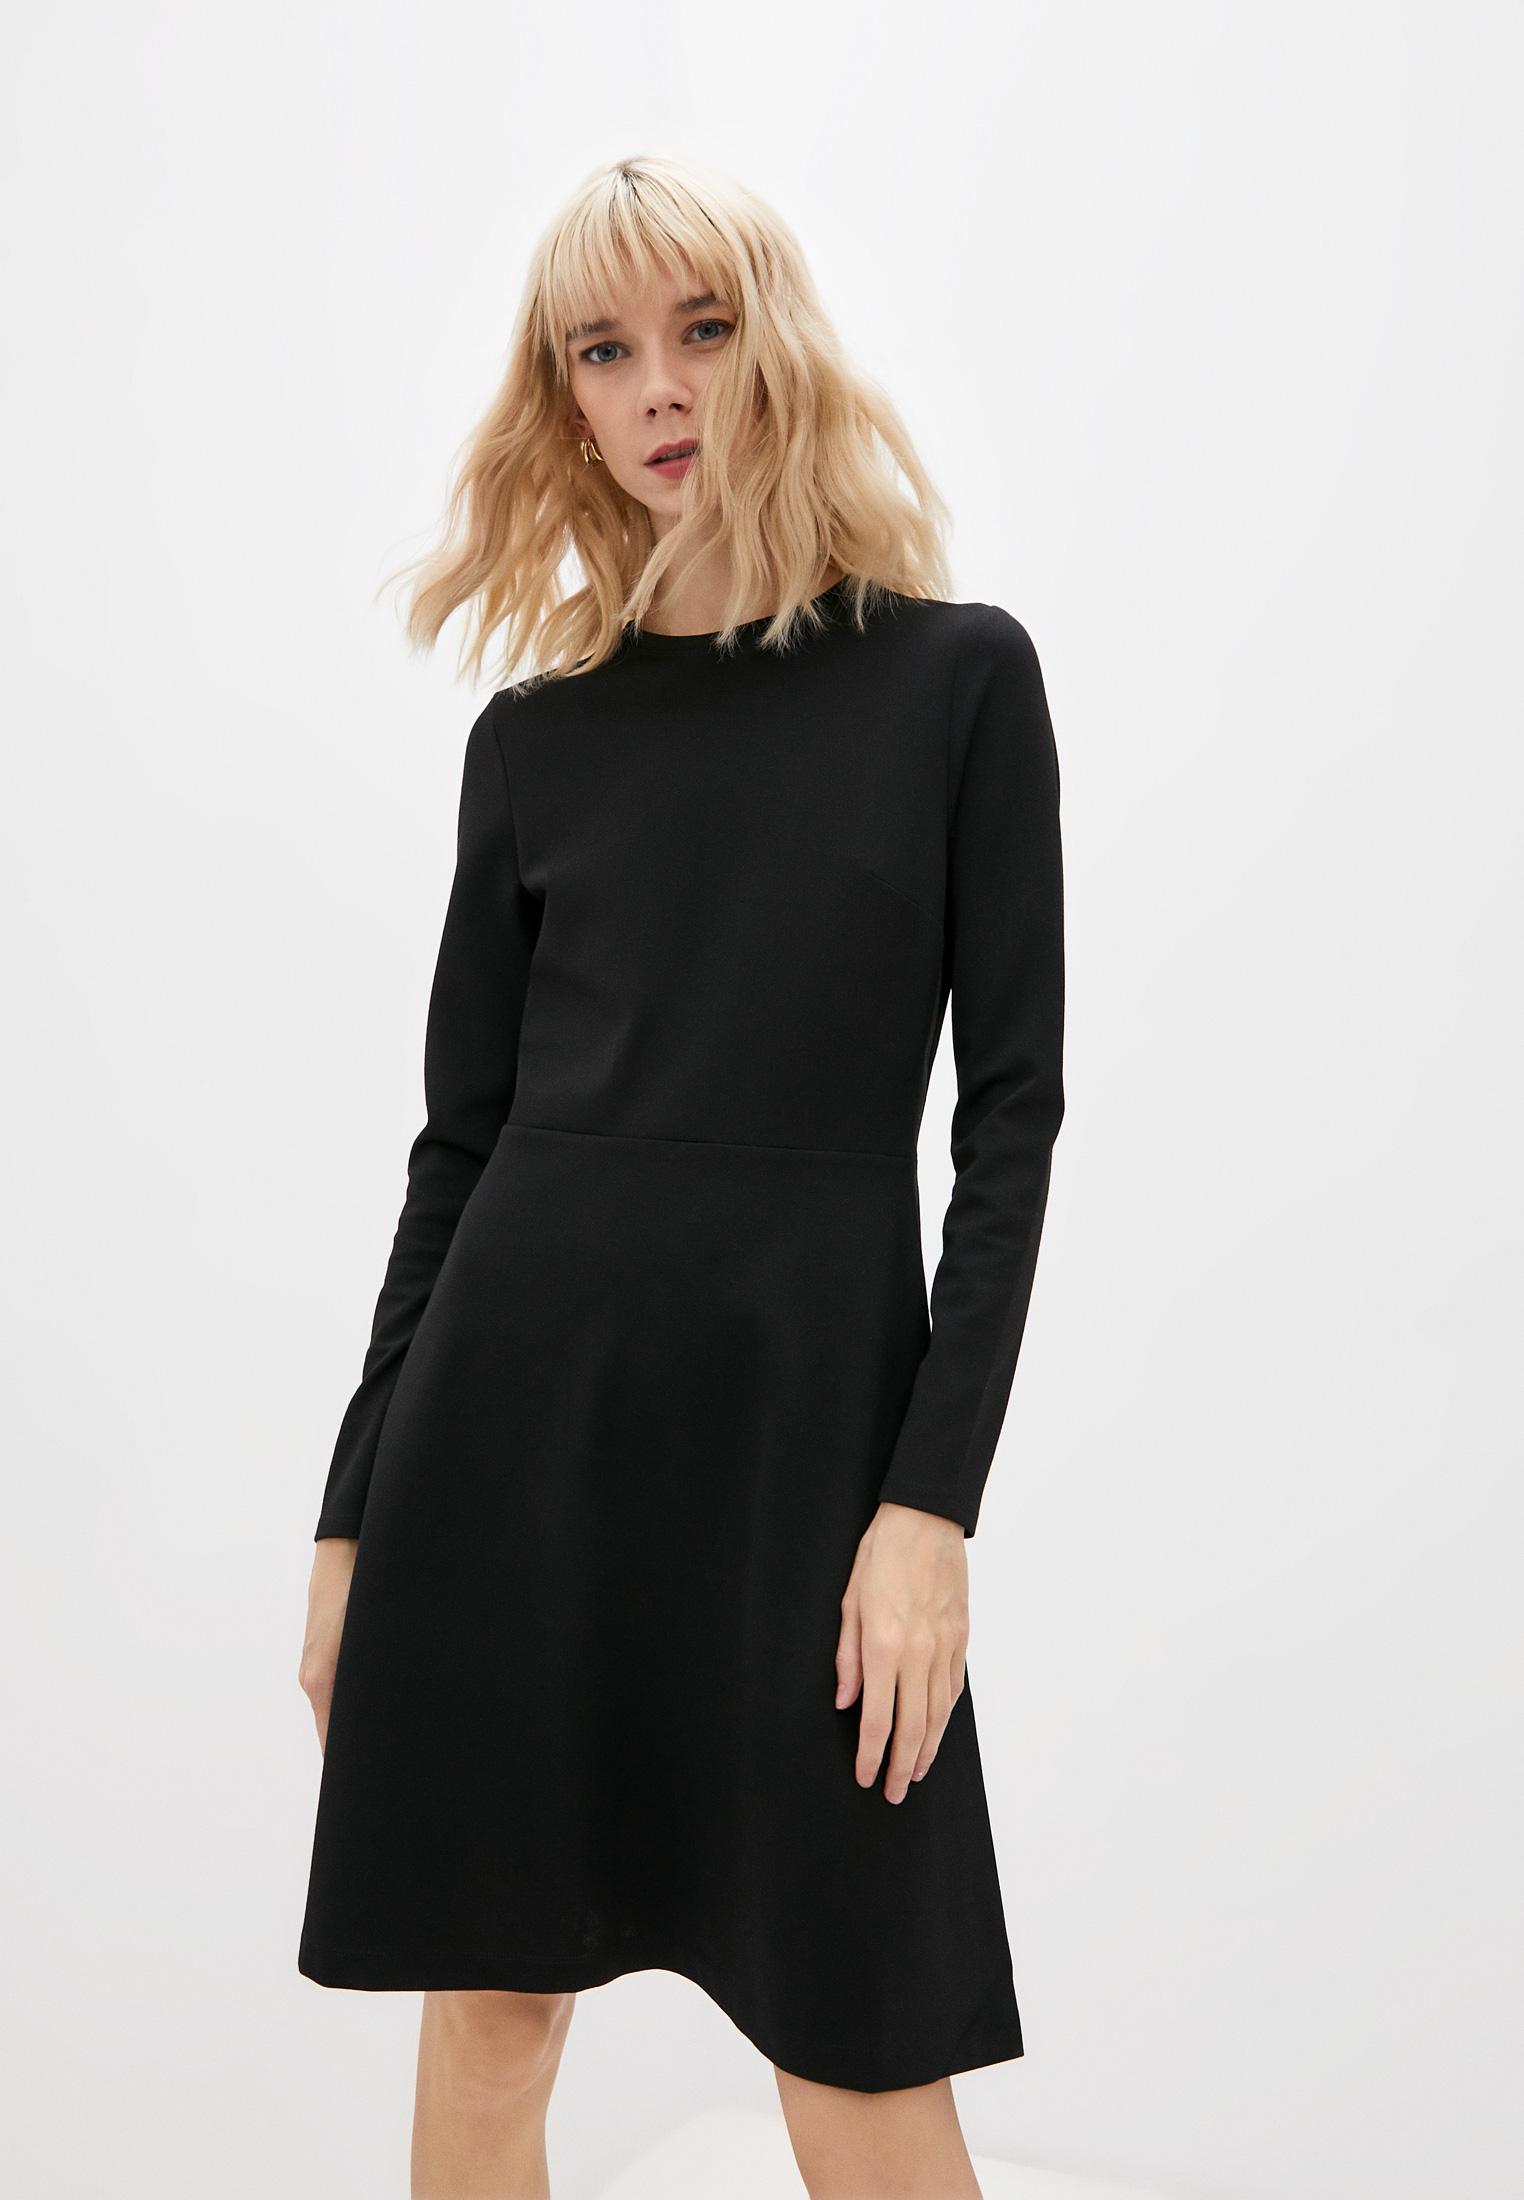 Повседневное платье Calvin Klein (Кельвин Кляйн) Платье Calvin Klein